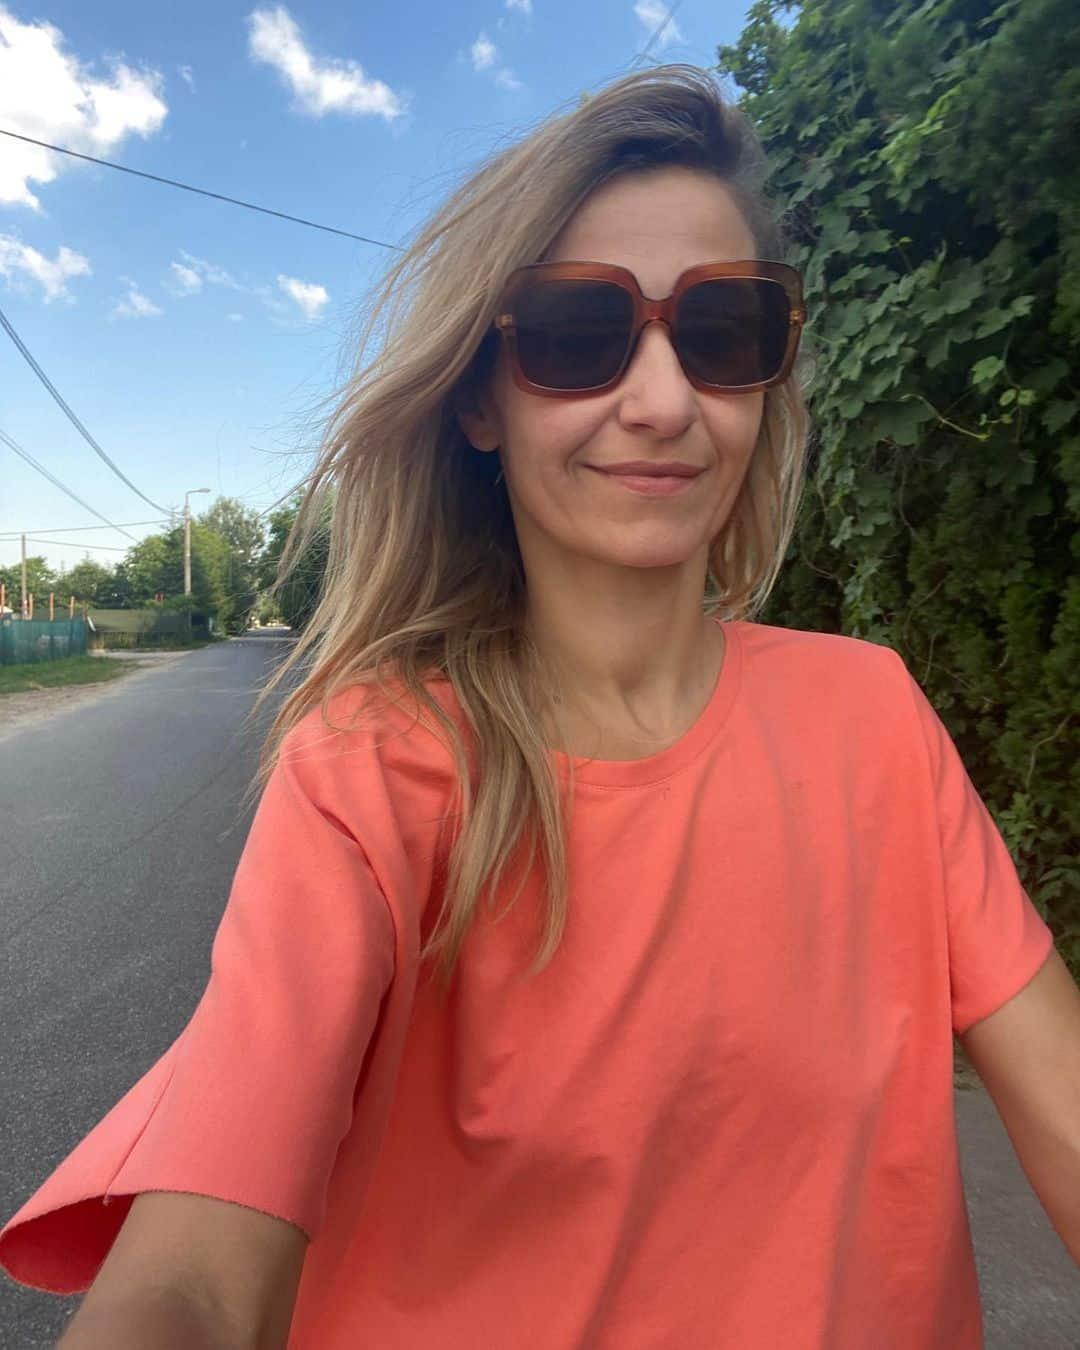 Ale akcja! Joanna Koroniewska rozpoczyna krucjatę przeciwko stanikom!